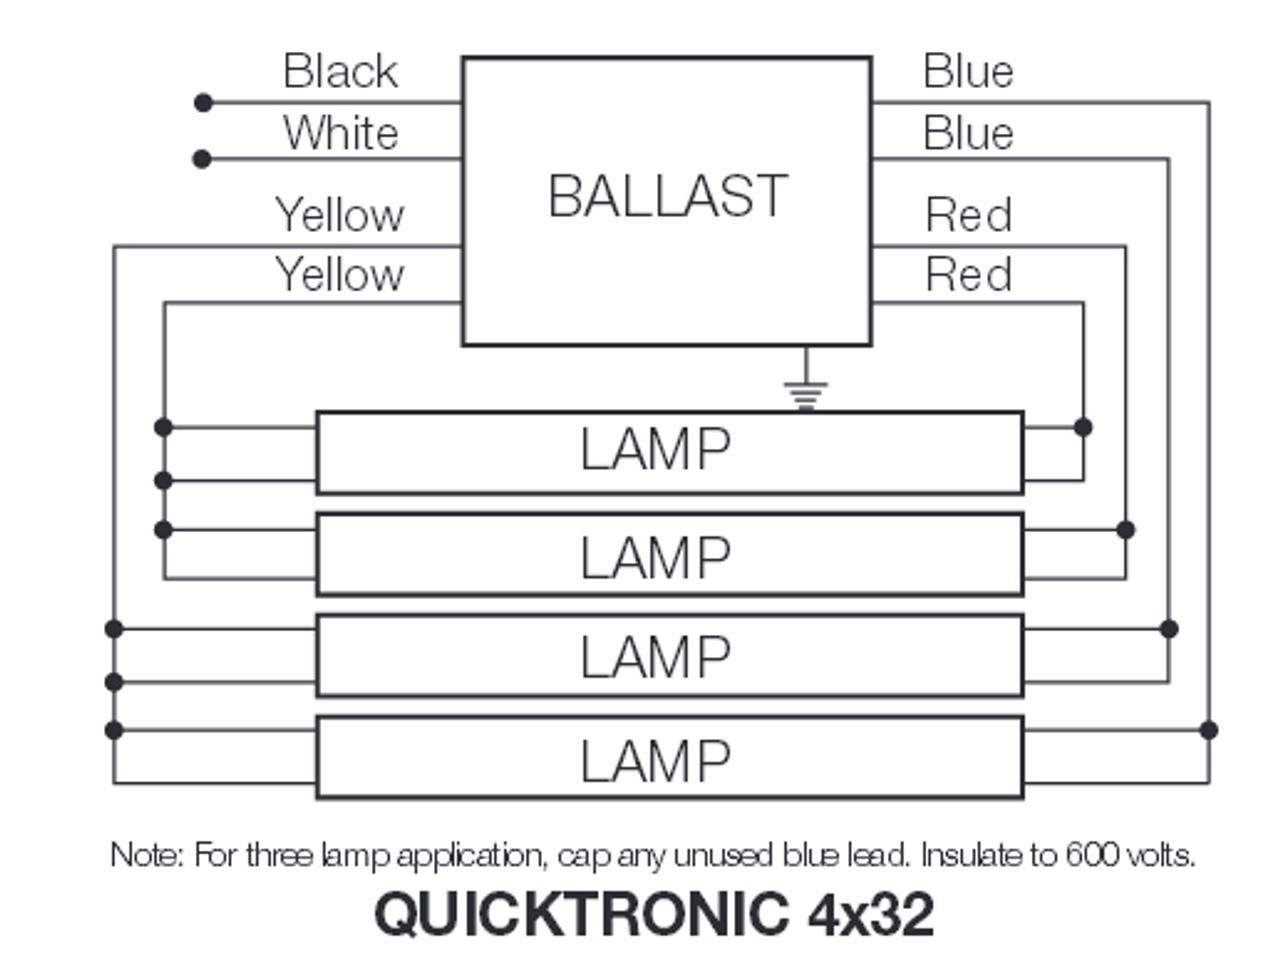 Sylvania Ballast Wiring Diagram | Wiring Diagram on 4 bulb ballast wiring two, 4 pin ballast wiring diagram, fluorescent fixtures t5 circuit diagram, 2 bulb ballast wiring diagram, ballast replacement diagram, two lamp ballast wire diagram,